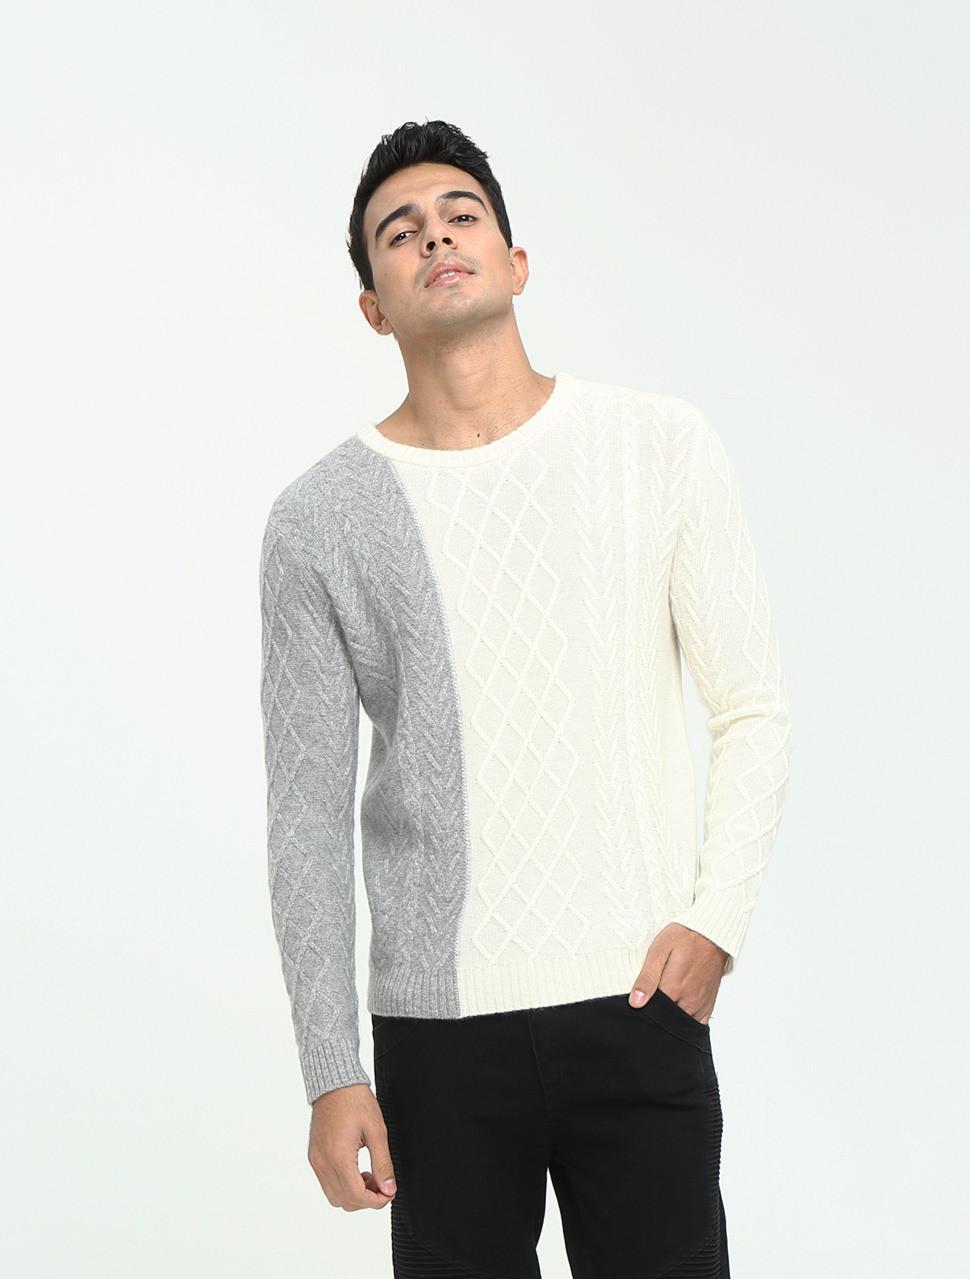 nuevo diseño 100% puro cachemir suéter para hombres